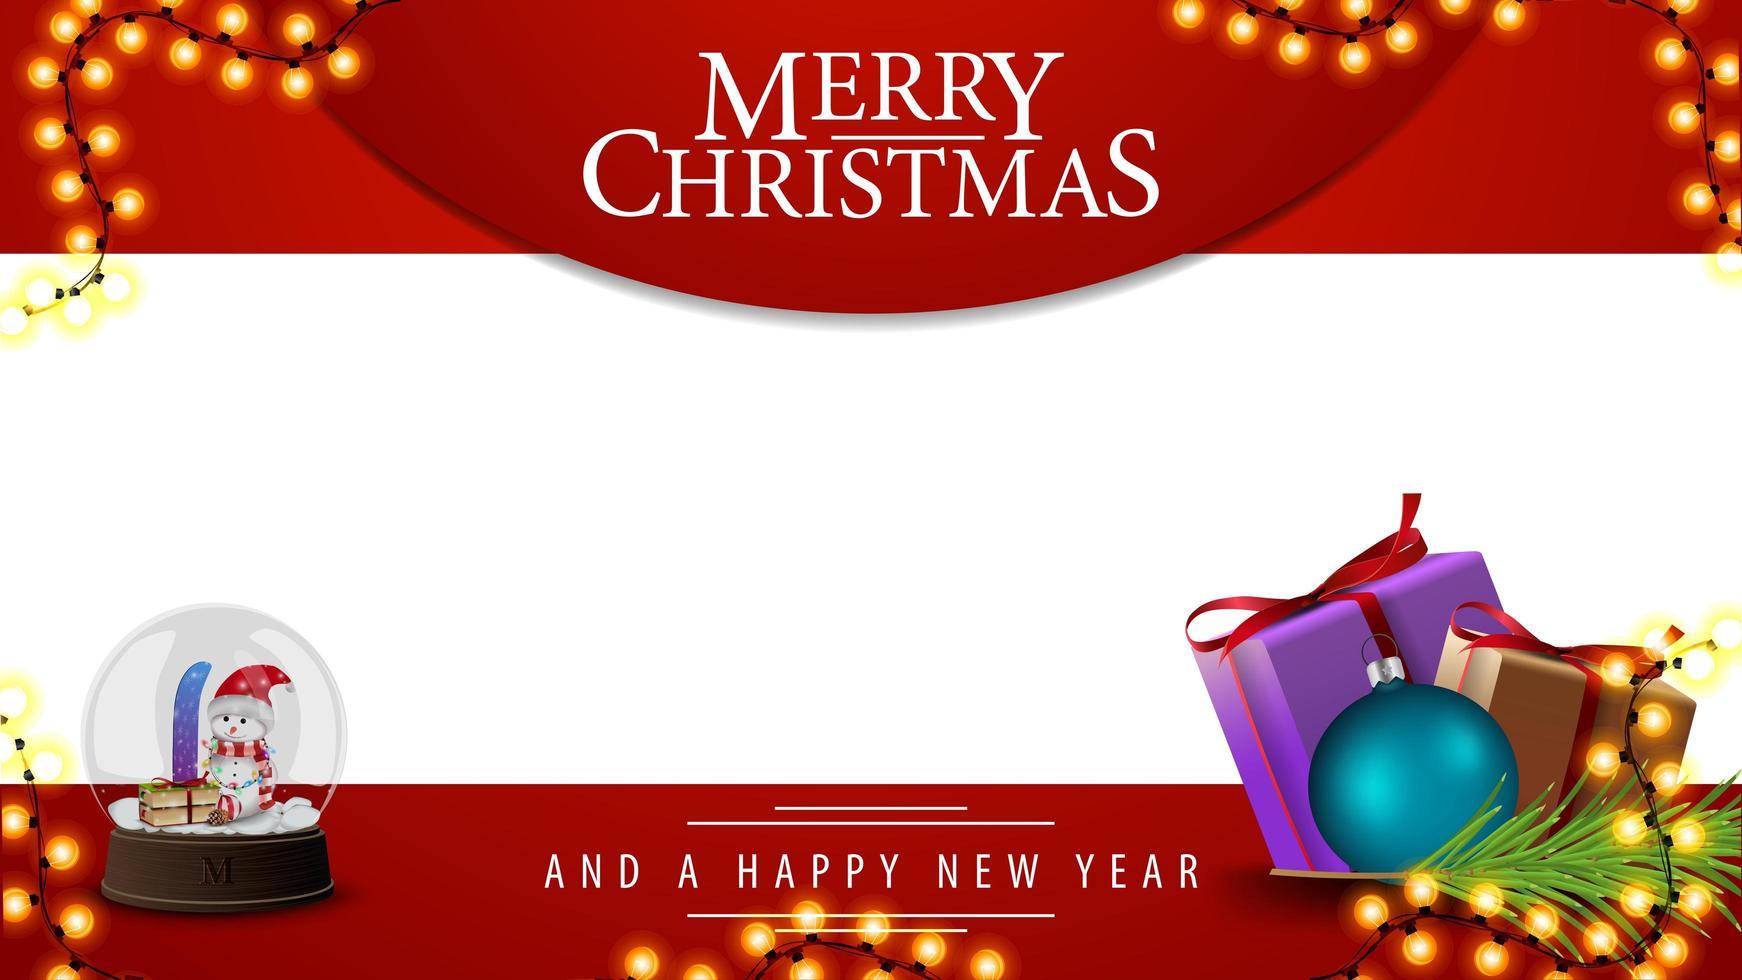 vrolijk kerstfeest, rood en wit sjabloon voor uw kunsten met cadeautjes en sneeuwbol met sneeuwmannen erin vector